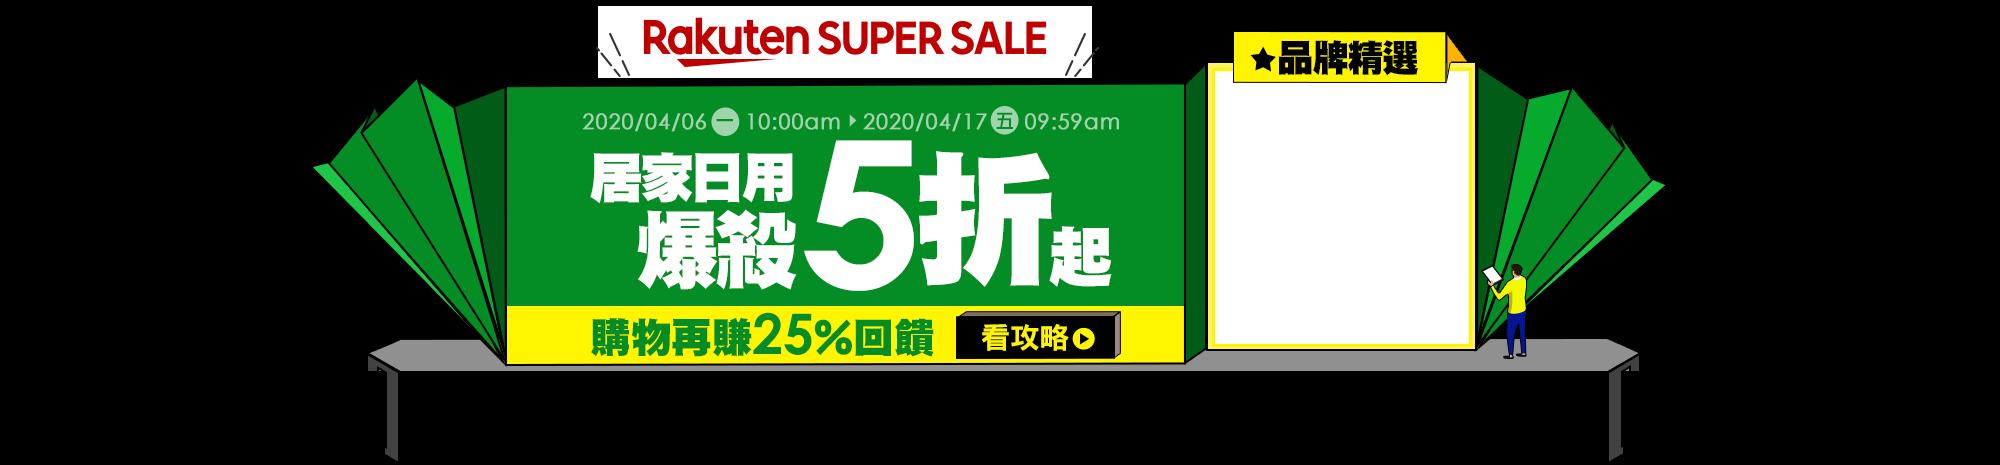 樂天SUPER SALE!居家日用5折起,滿額賺25%回饋